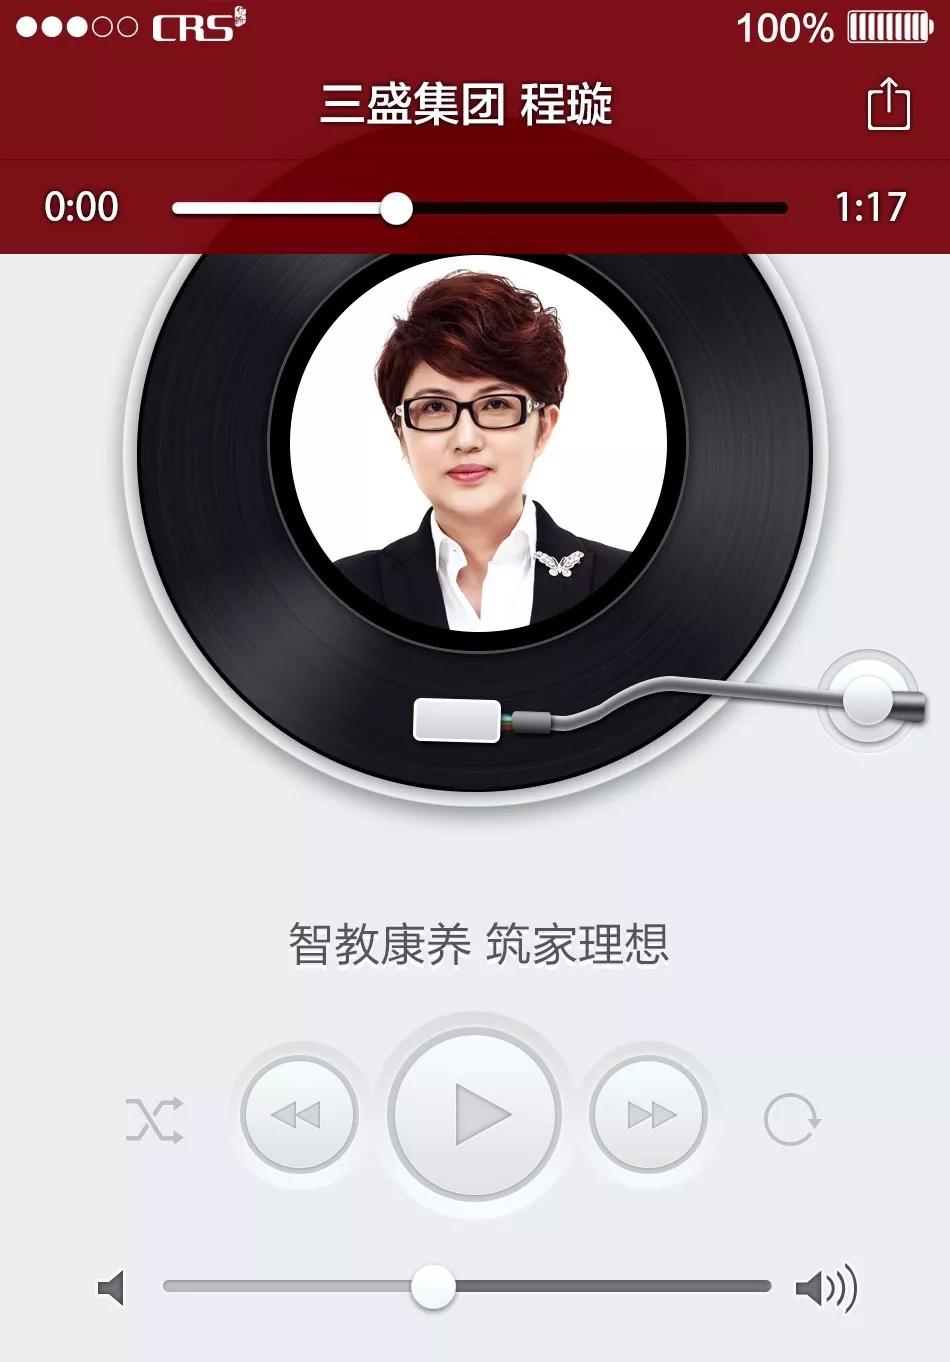 三盛集团程璇:专注中国家庭头等大事-中国网地产